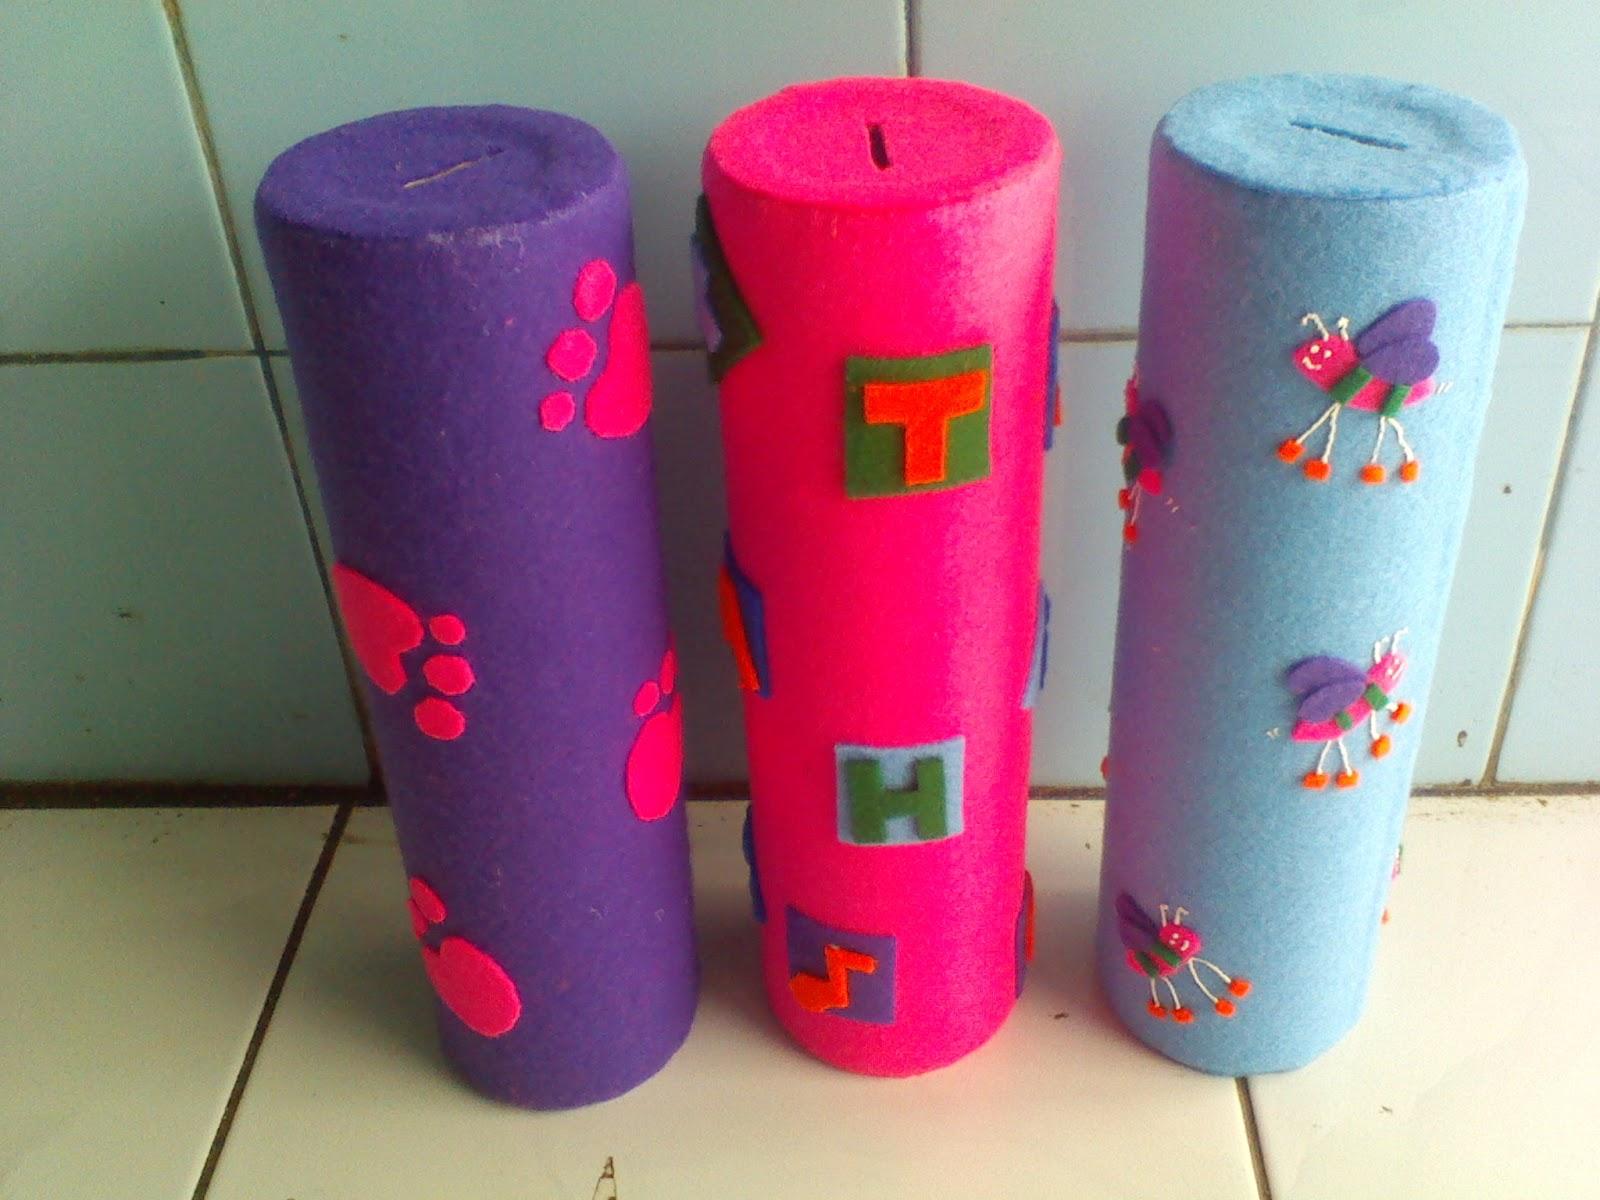 dari kones bekas gulungan benang kain dibungkus dengan kain flanel ...